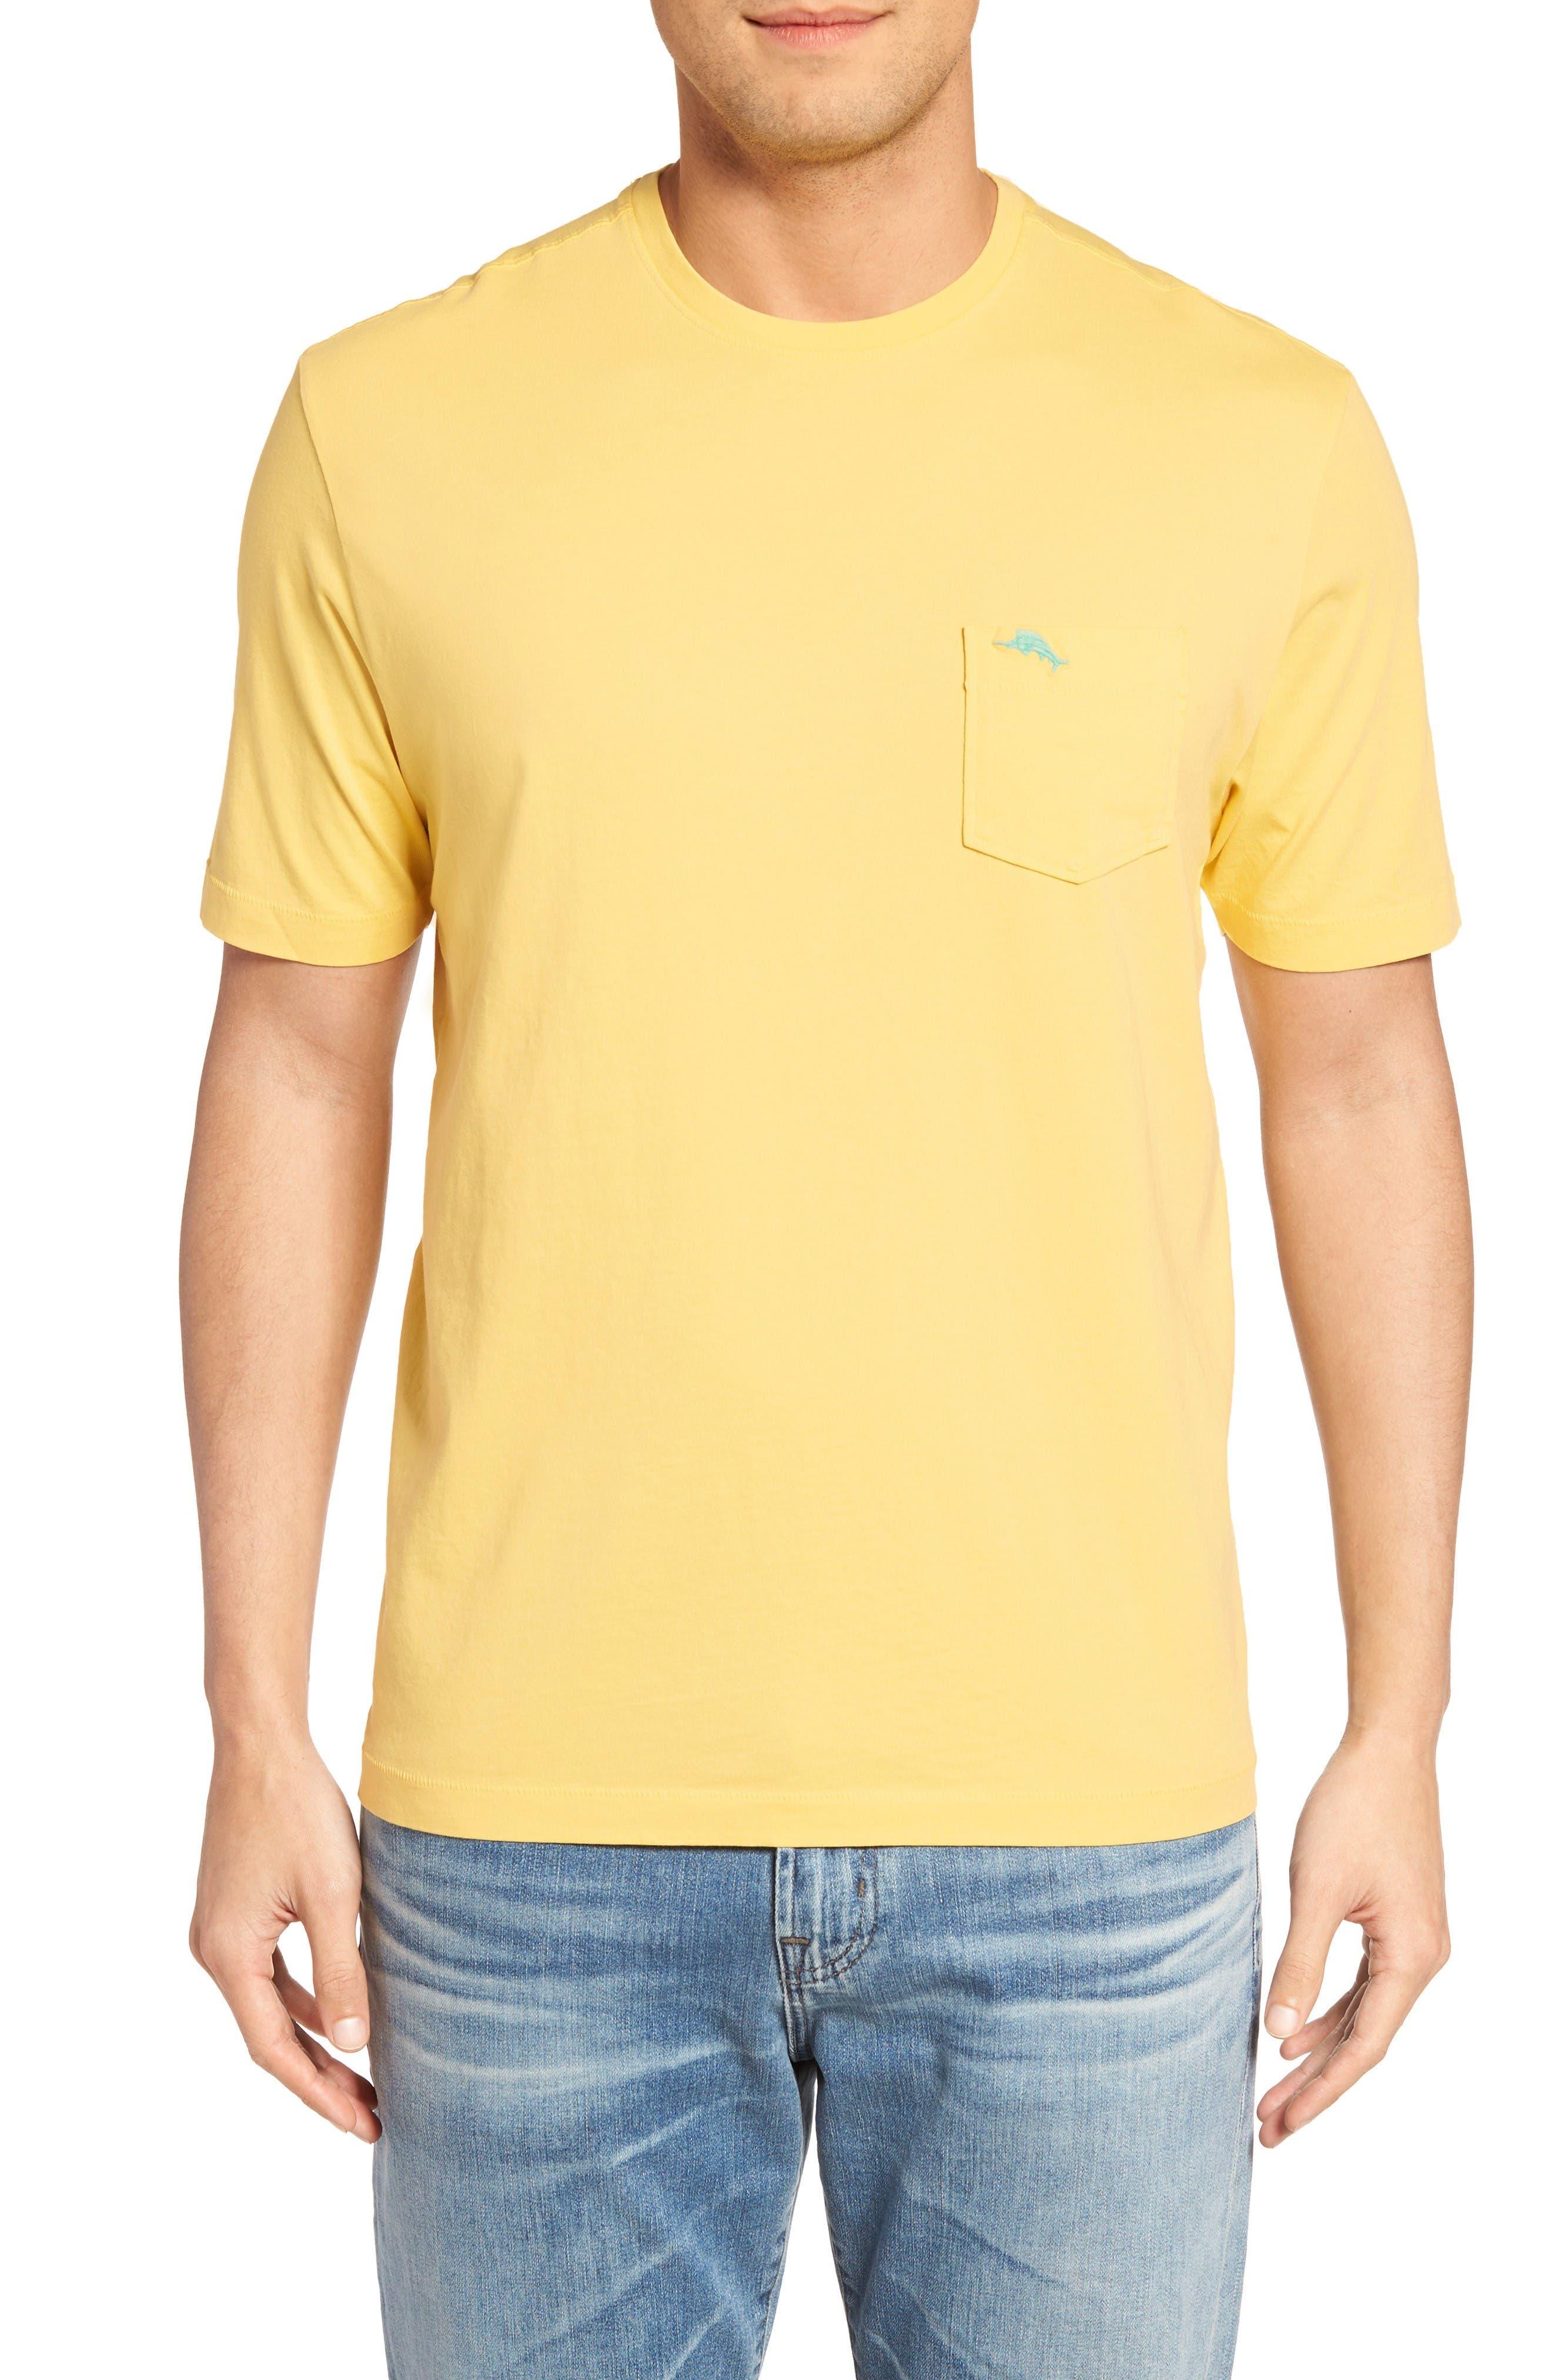 Main Image - Tommy Bahama New Bali Sky Pima Cotton Pocket T-Shirt